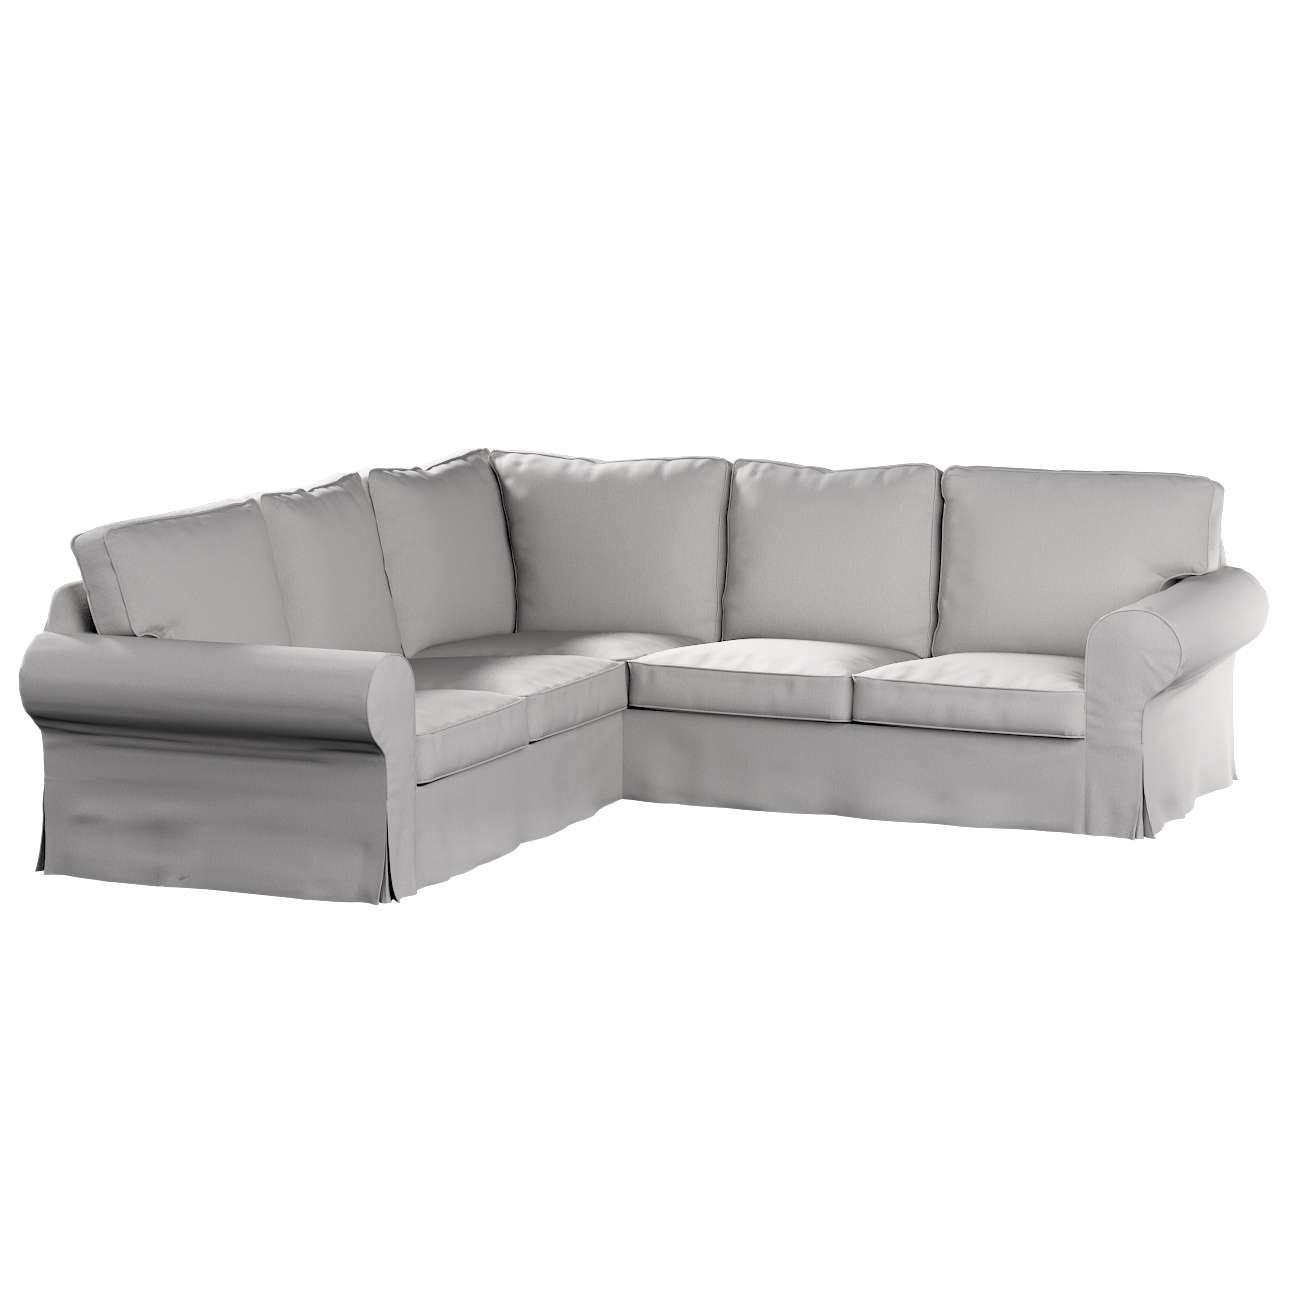 Pokrowiec Ektorp na sofę w kolekcji Chenille, tkanina: 702-23